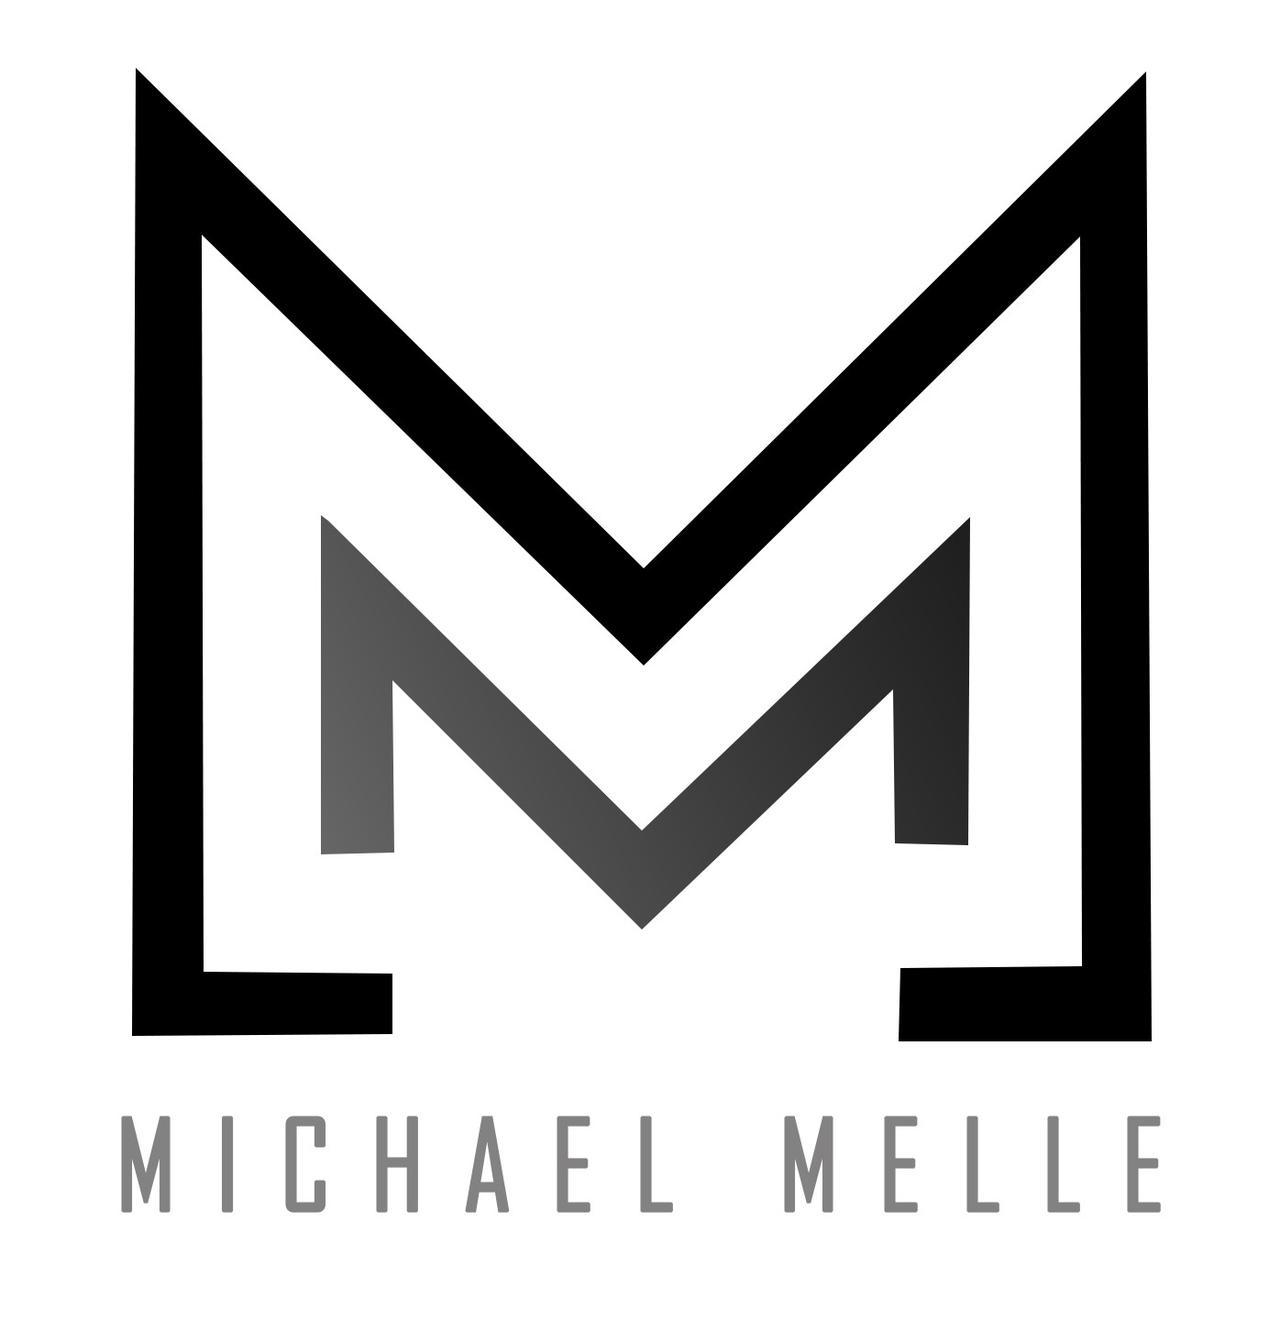 micheal melle logo 02c (2).jpg